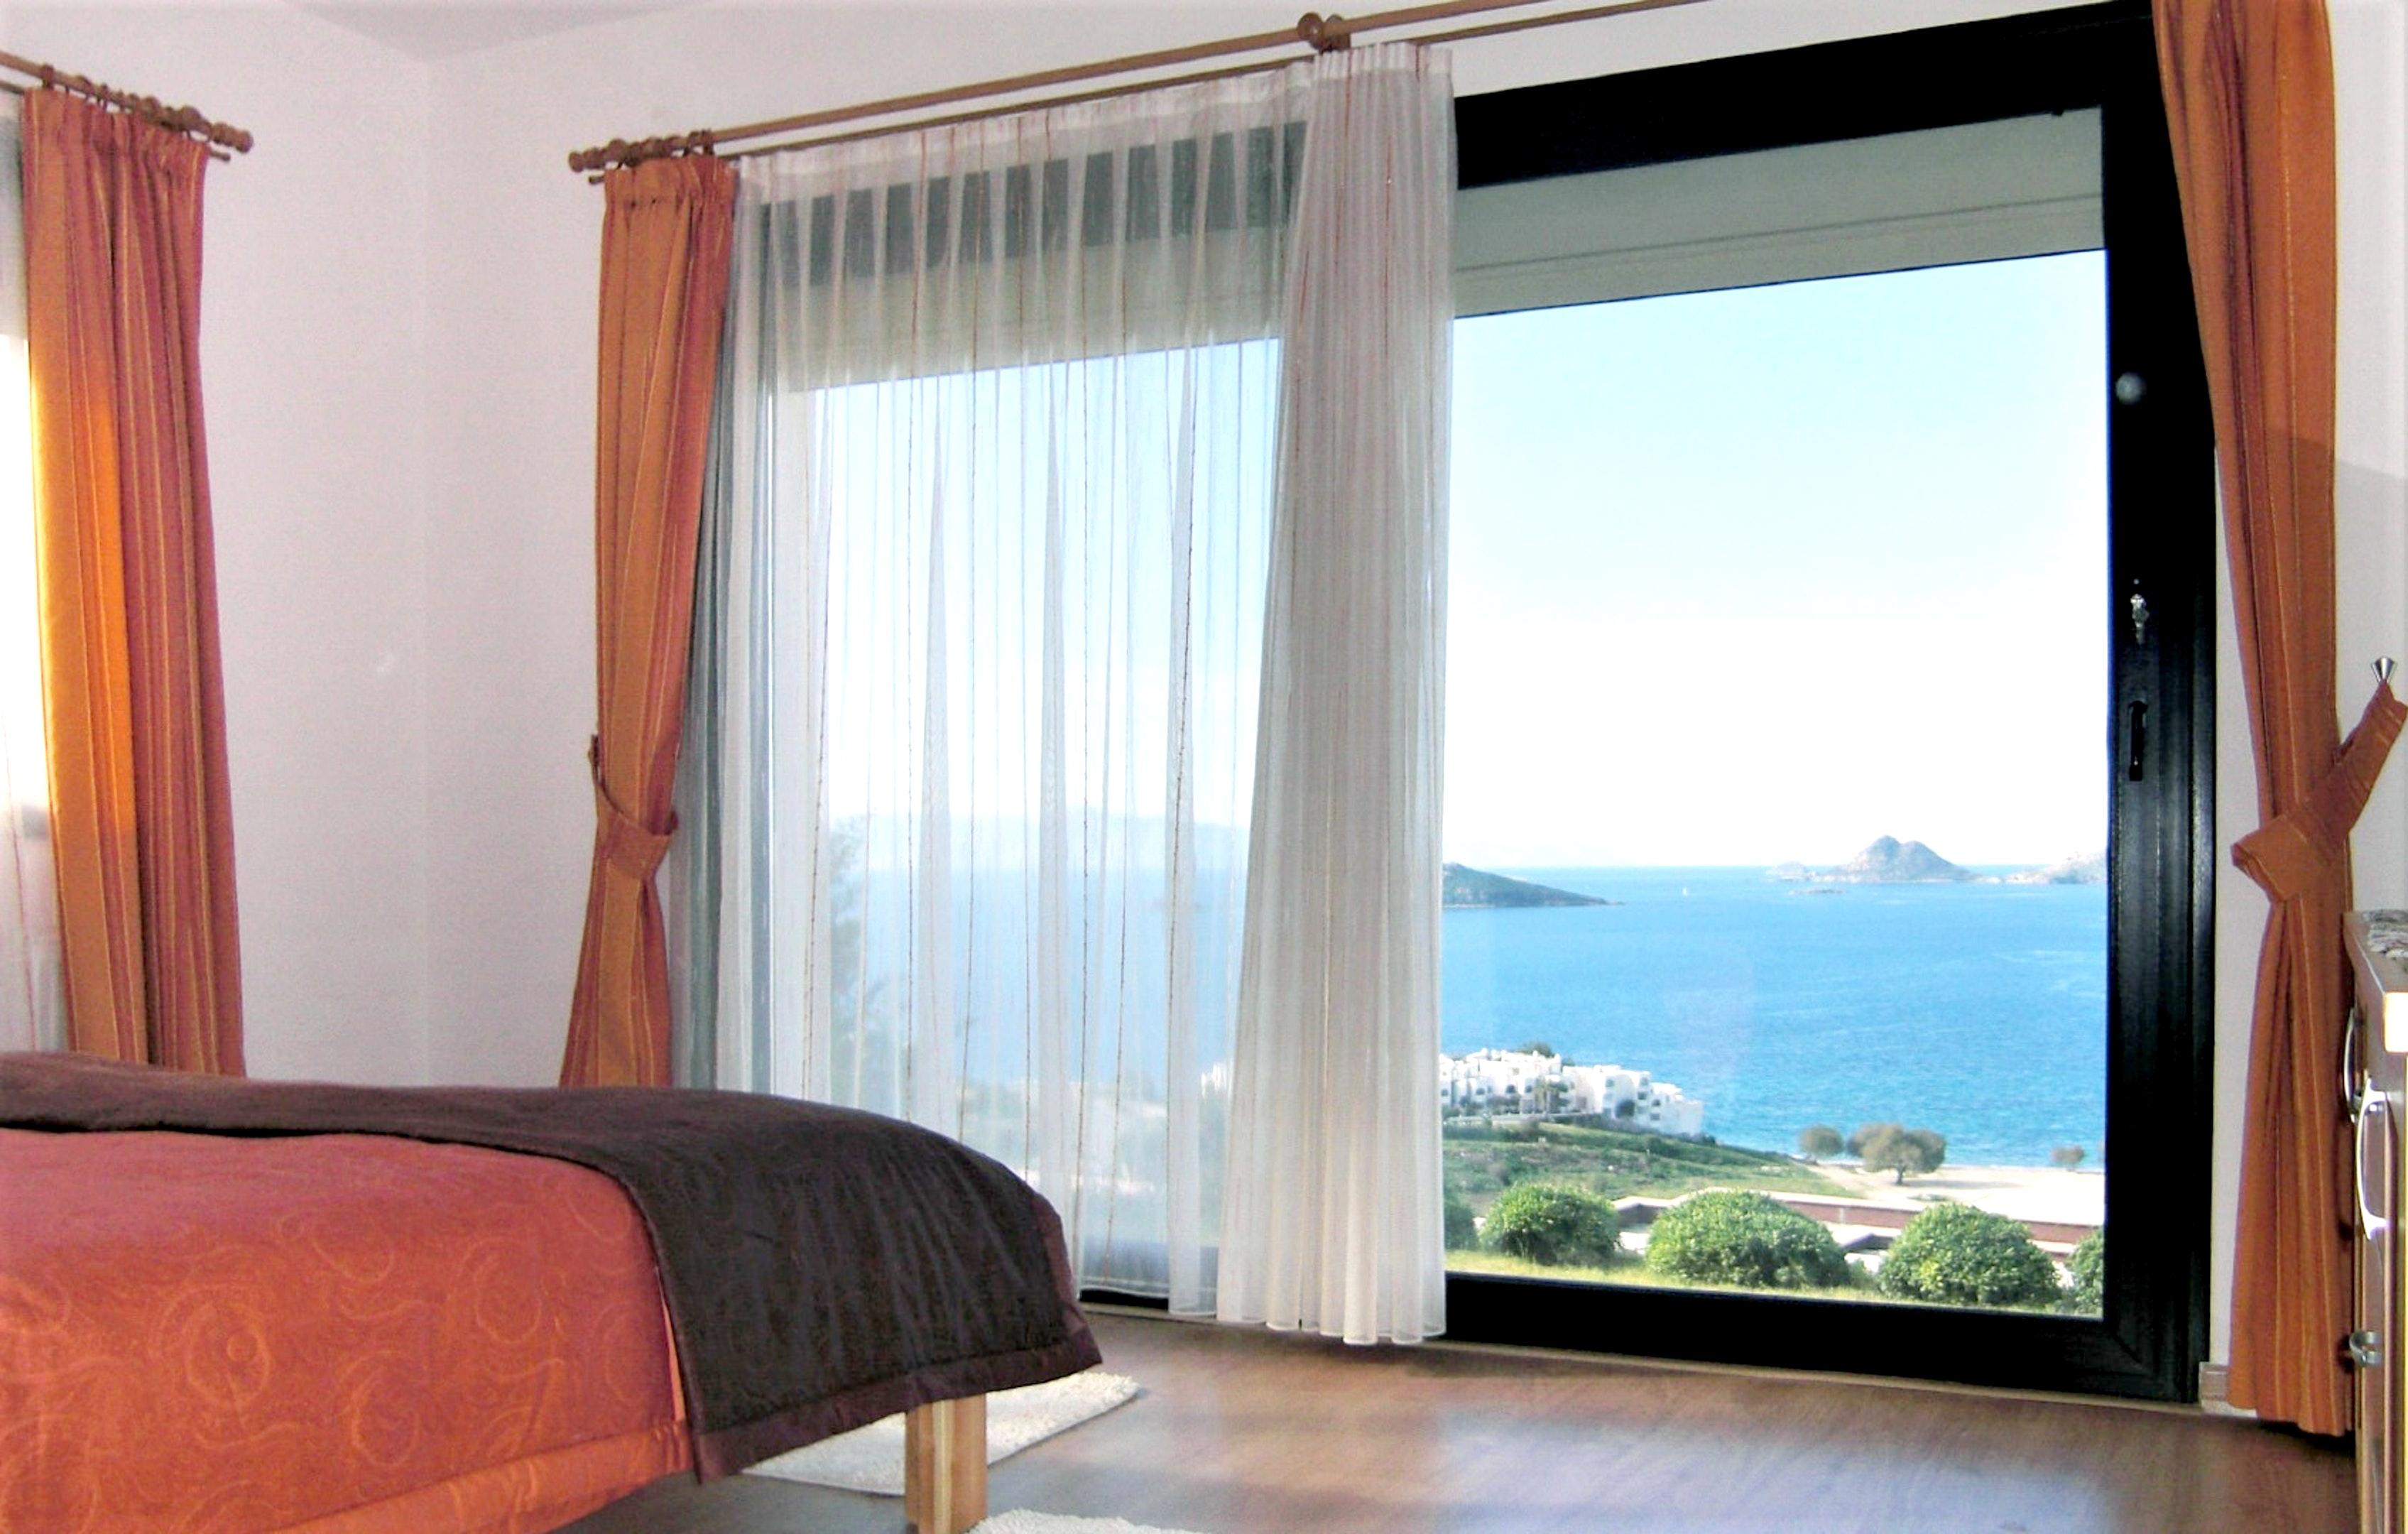 Ferienhaus Villa mit 3 Schlafzimmern in Turgutreis,Bodrum mit herrlichem Meerblick, Pool, eingezäunte (2202326), Turgutreis, , Ägäisregion, Türkei, Bild 16